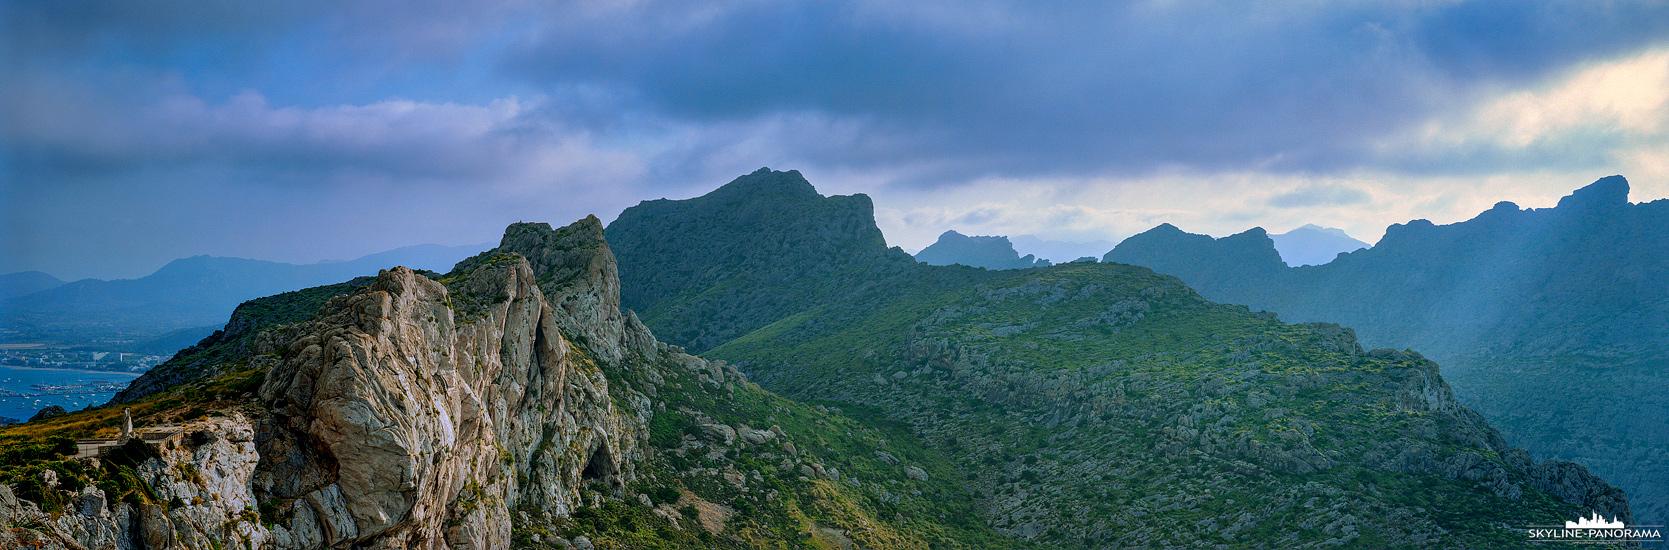 Panorama Mallorca - Das östliche Ende der Serra de Tramuntana vom Mirador del Mal Pas gesehen, einem beliebten Aussichtspunkt am Cap de Formentor.